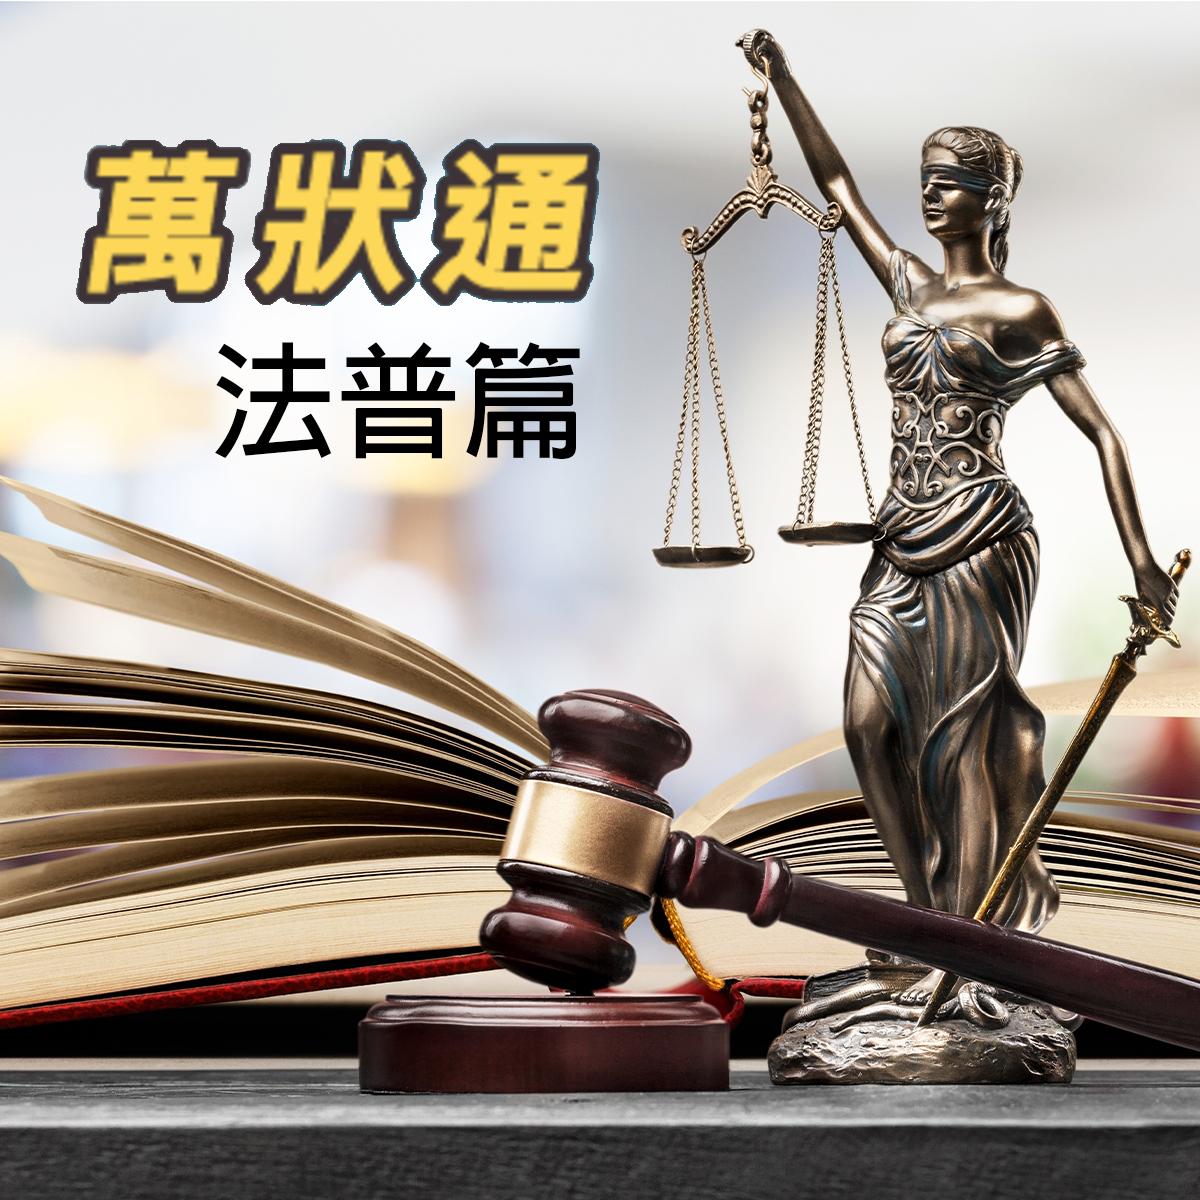 EP1【雷公尛 ⚖️  法律】網路交友被騙30萬😰 虛擬貨幣詐騙要如何防範?